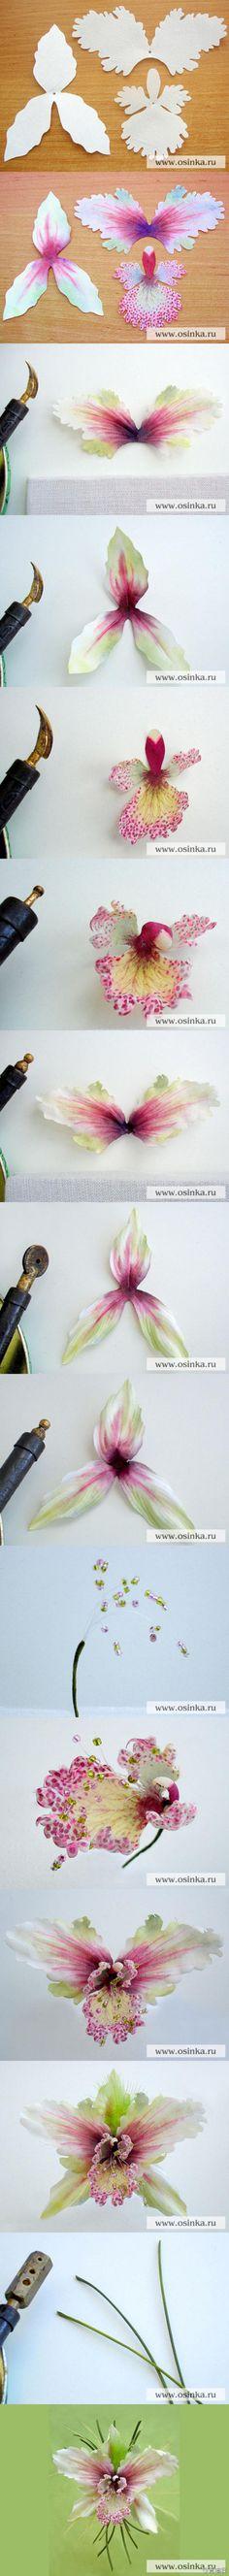 布花教程—兰花,木啥好说的,需要用到烫花器=。=